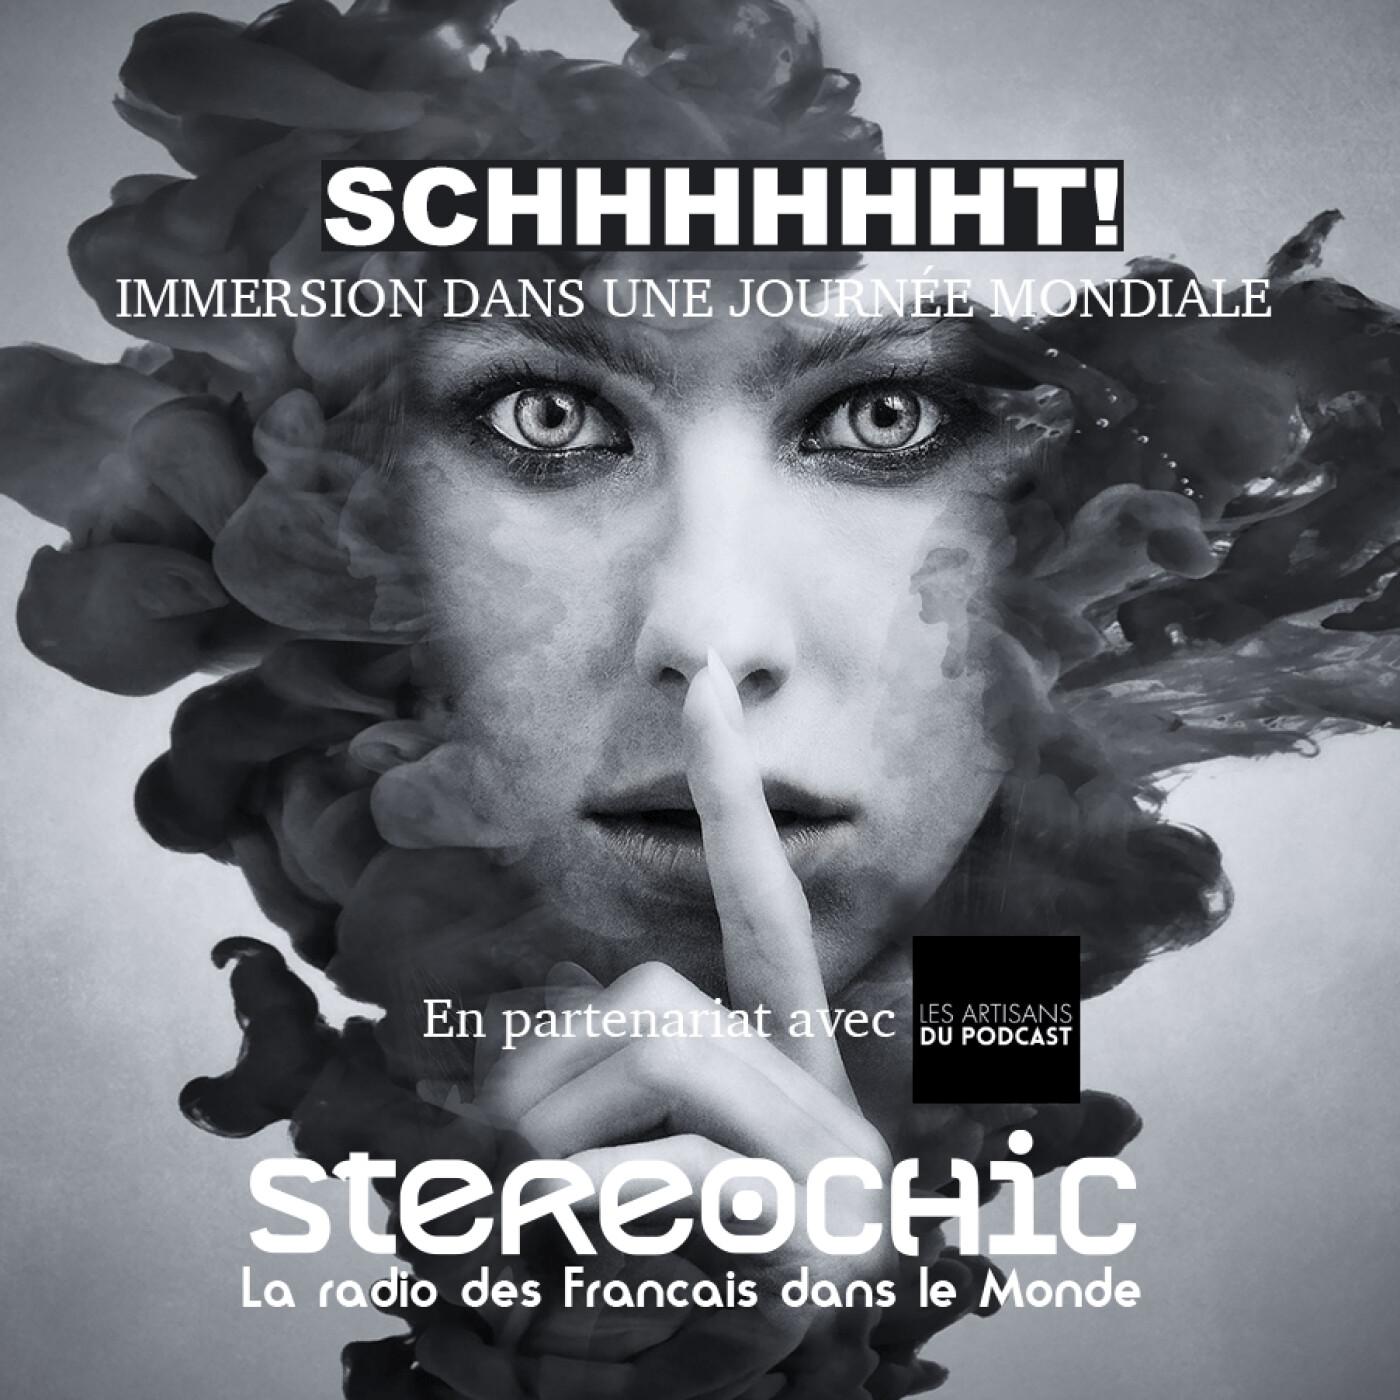 Avec Isabelle, Les Artisans du Podcast, nous partons dans les coulisses du rendez vous immersif Schhhhhht - 09 09 2021 - StereoChic Radio